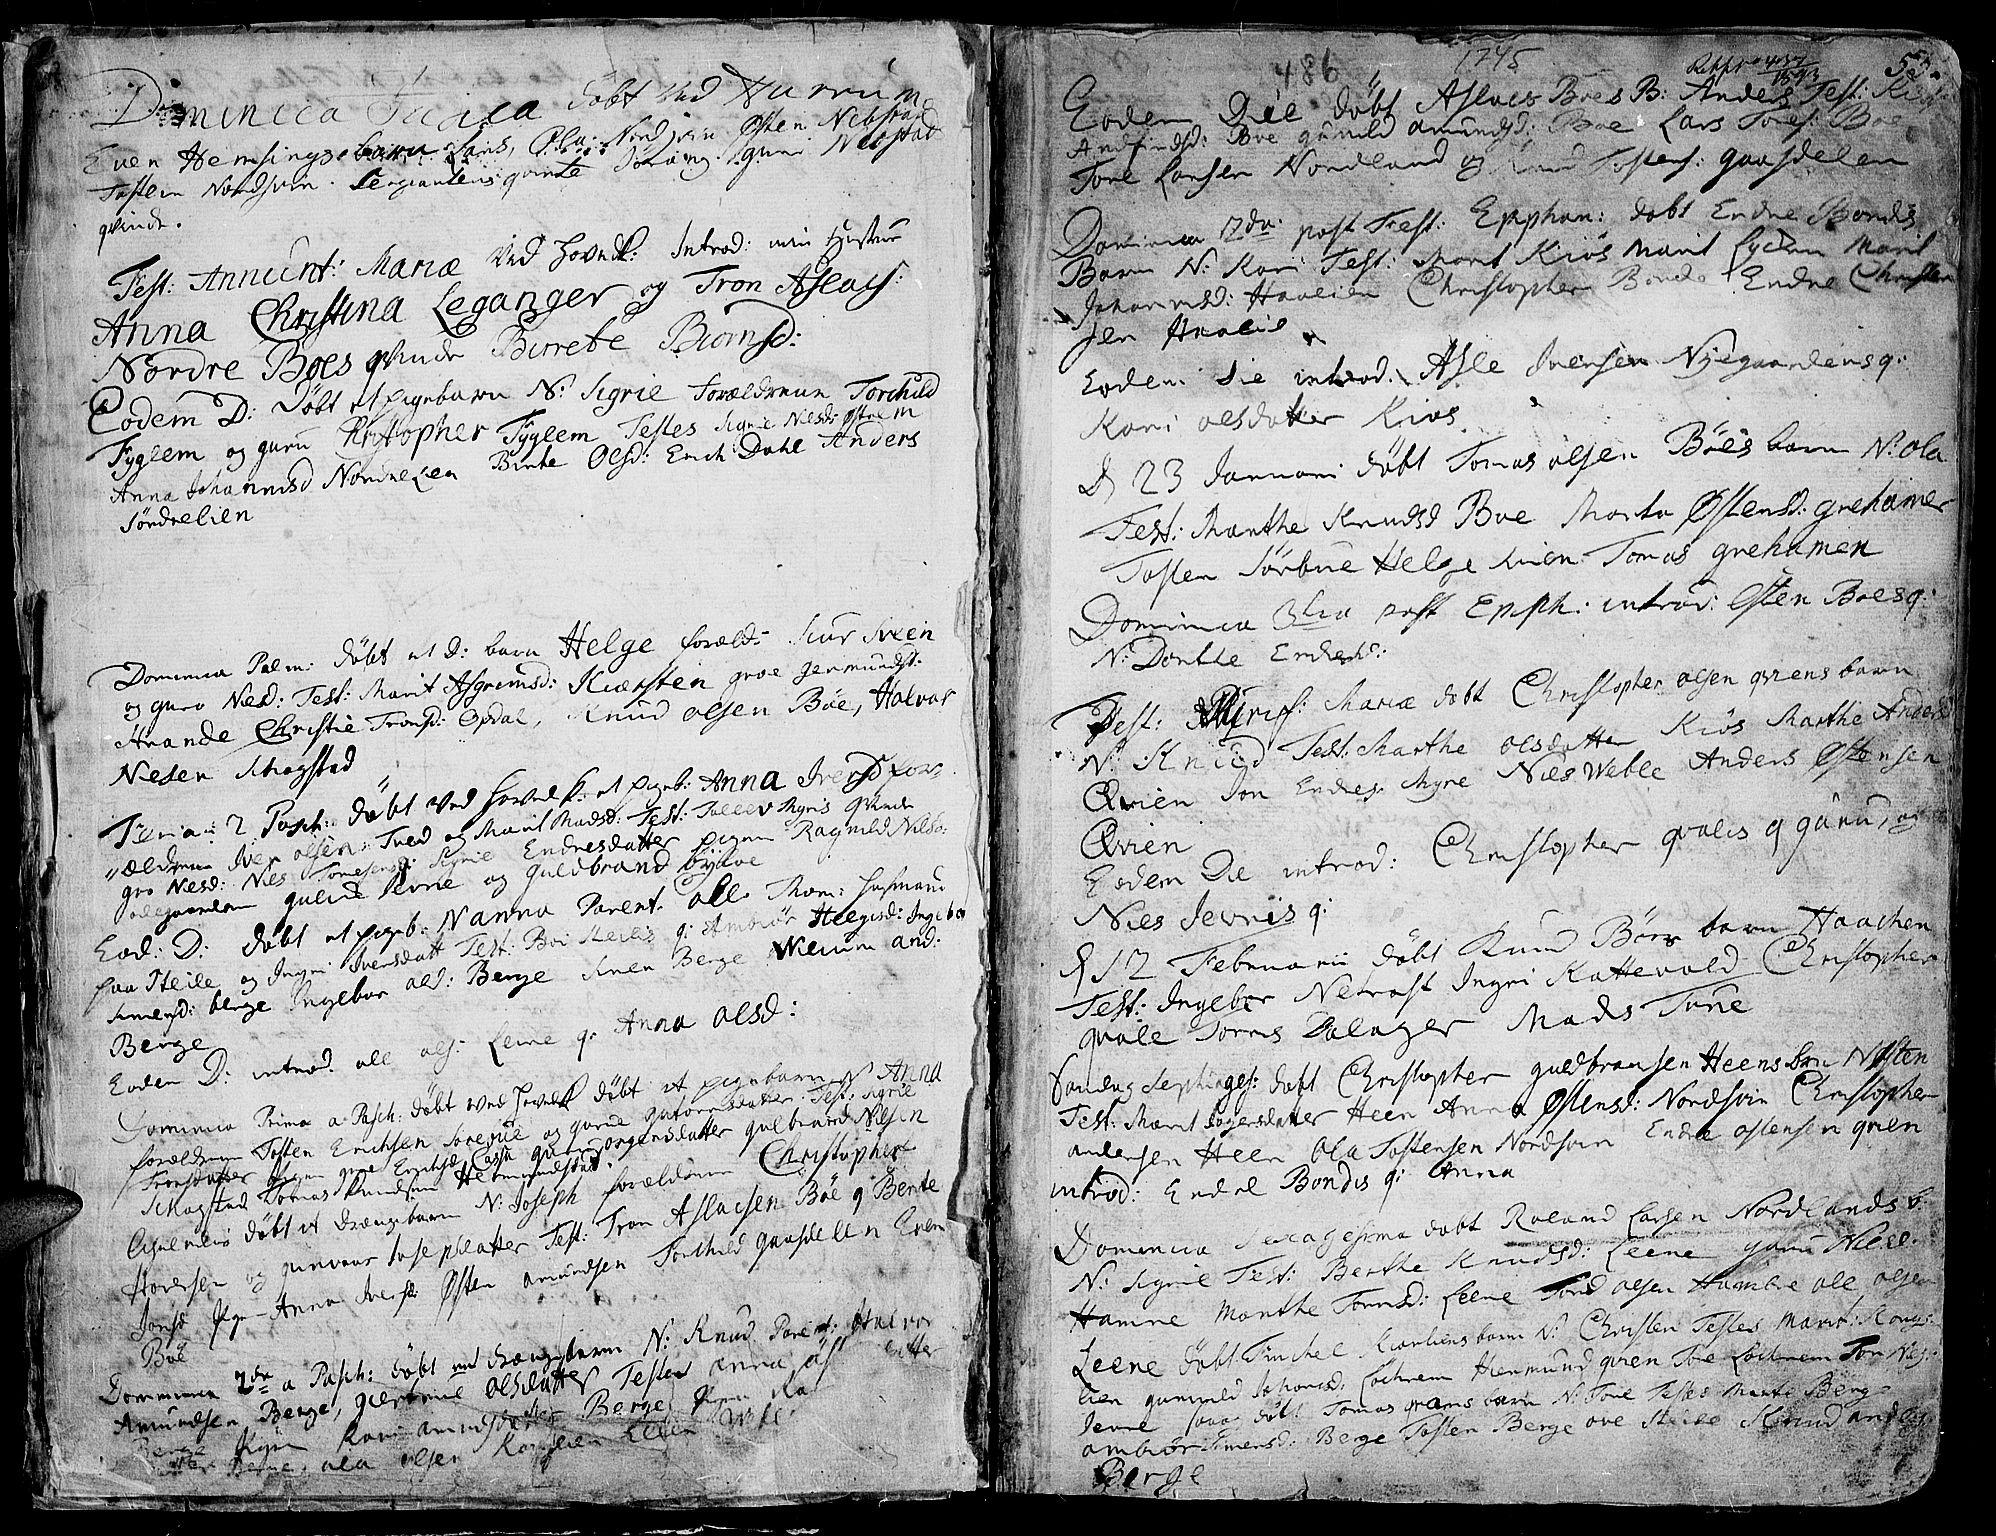 SAH, Vang prestekontor, Valdres, Ministerialbok nr. 1, 1730-1796, s. 53